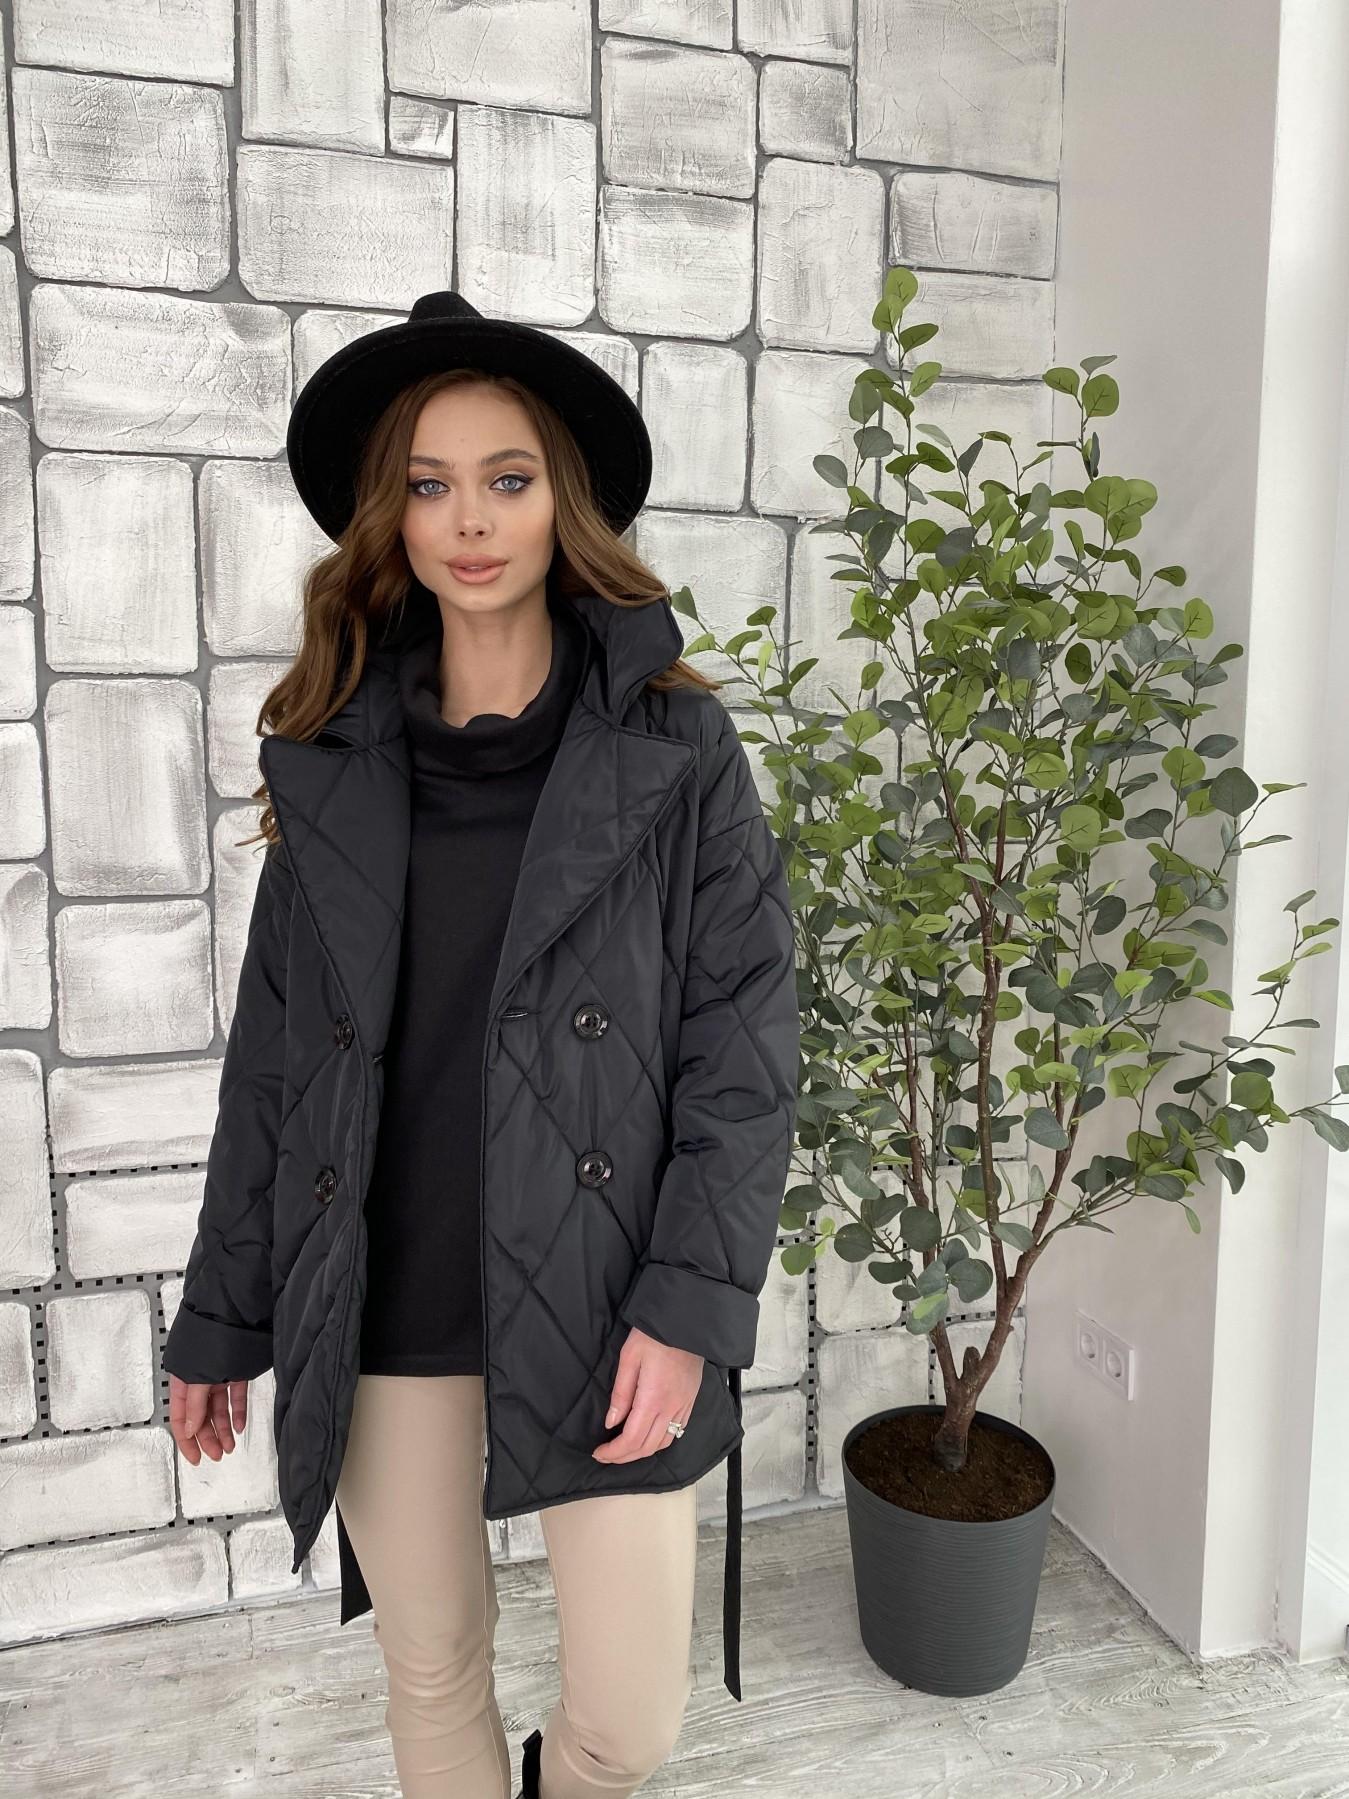 Норд куртка из плащевой ткани стеганая 10883 АРТ. 47354 Цвет: Черный - фото 6, интернет магазин tm-modus.ru